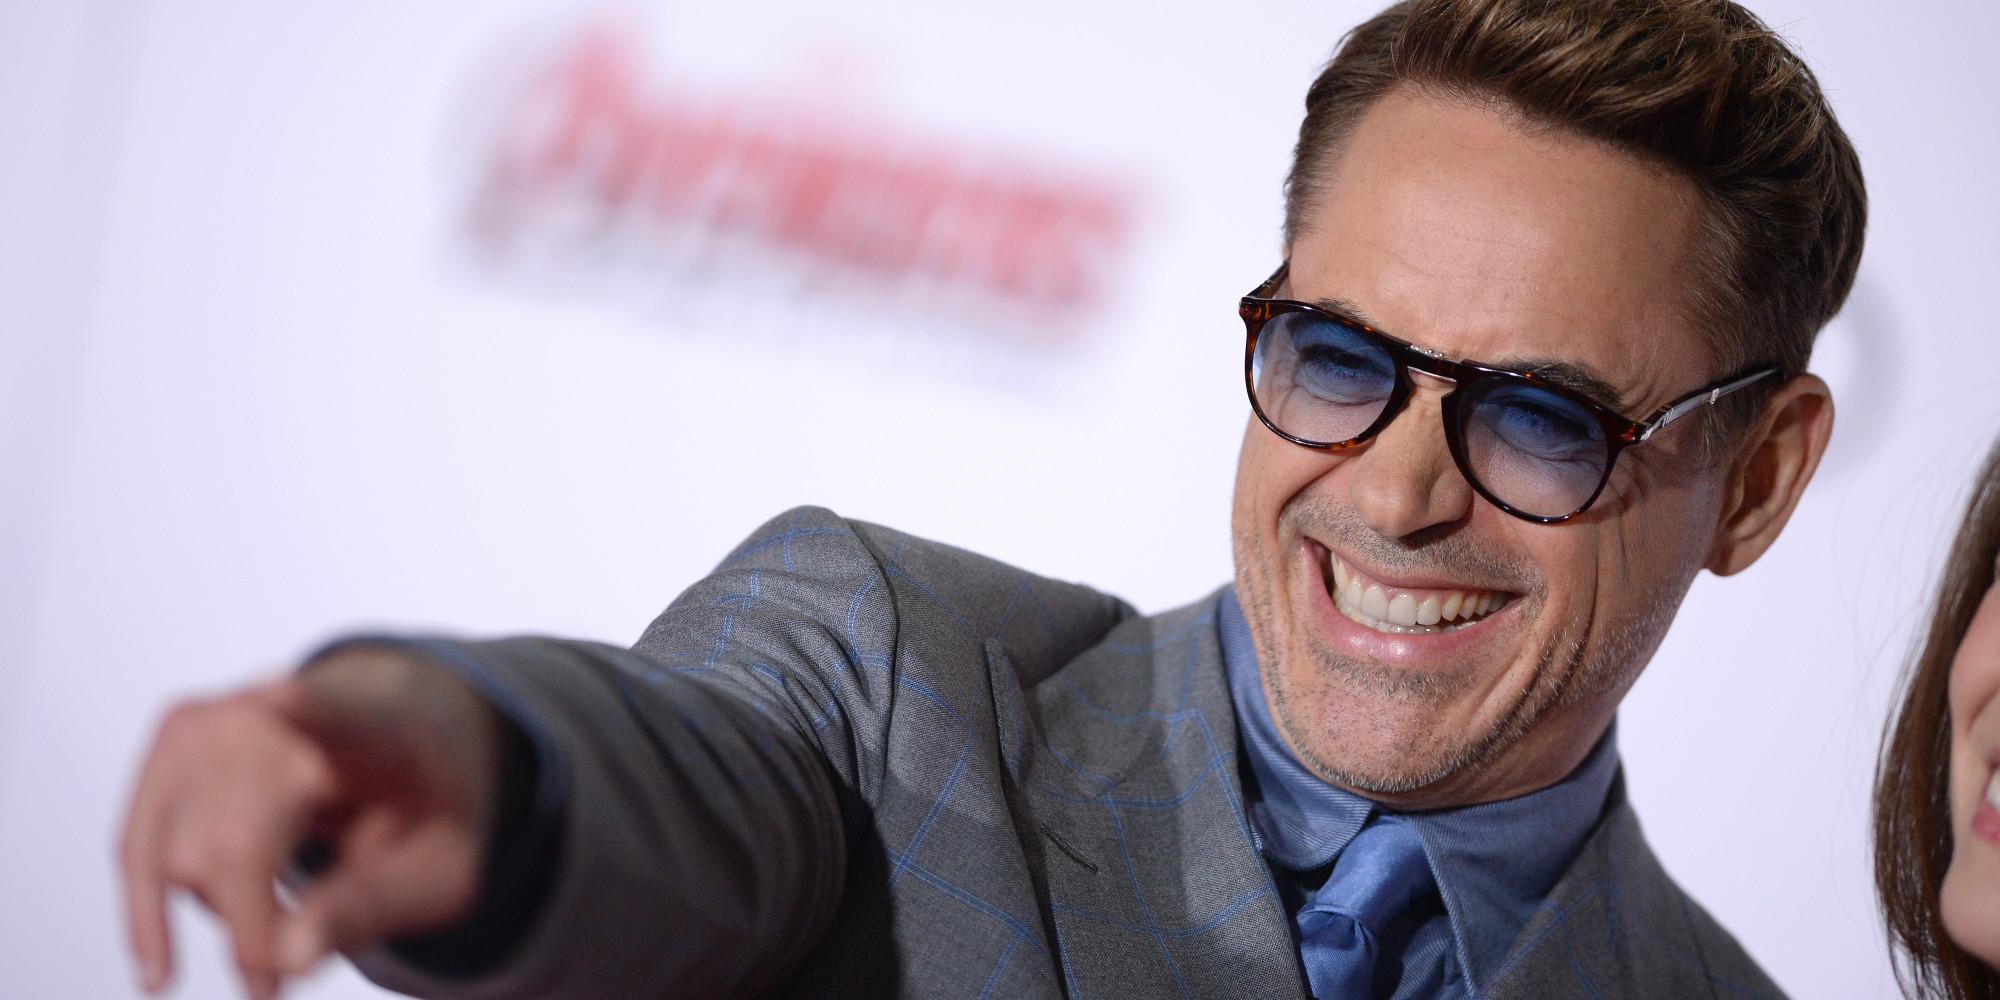 Les acteurs les mieux payés de 2015, selon Forbes (PHOTOS) Robert Downey Jr On Facebook